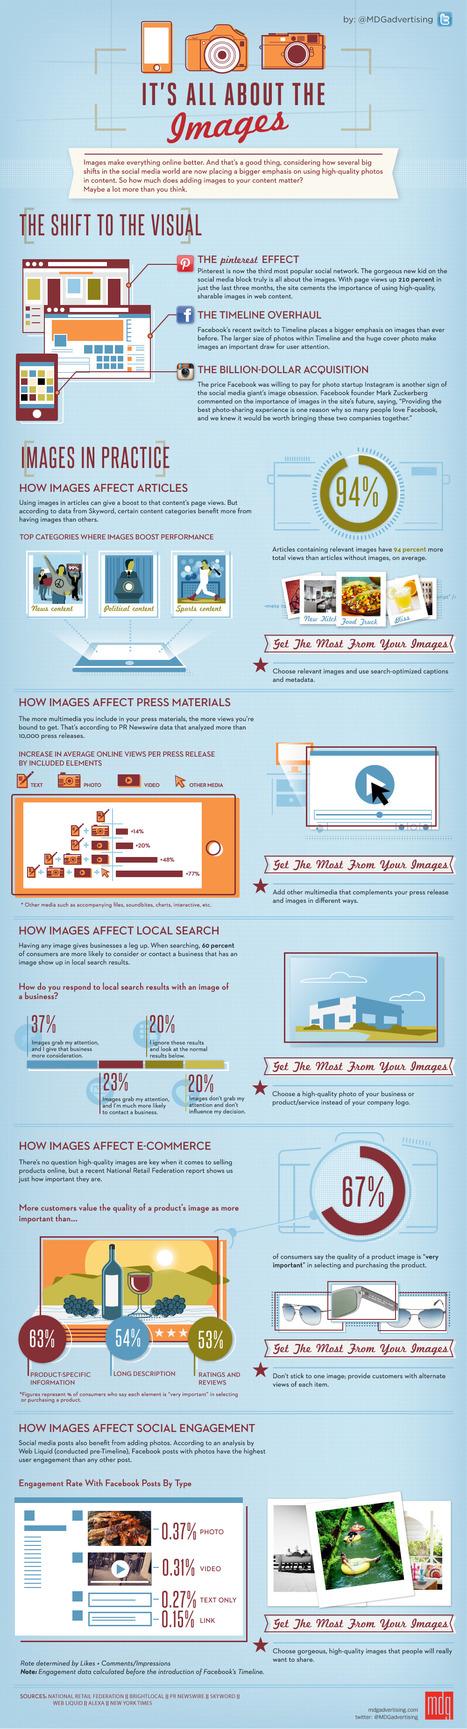 Découvrez le pouvoir des images en marketing [Infographie] | Agence 1min30, Inbound marketing et communication digitale à Paris | 1min30 | Scoop.it